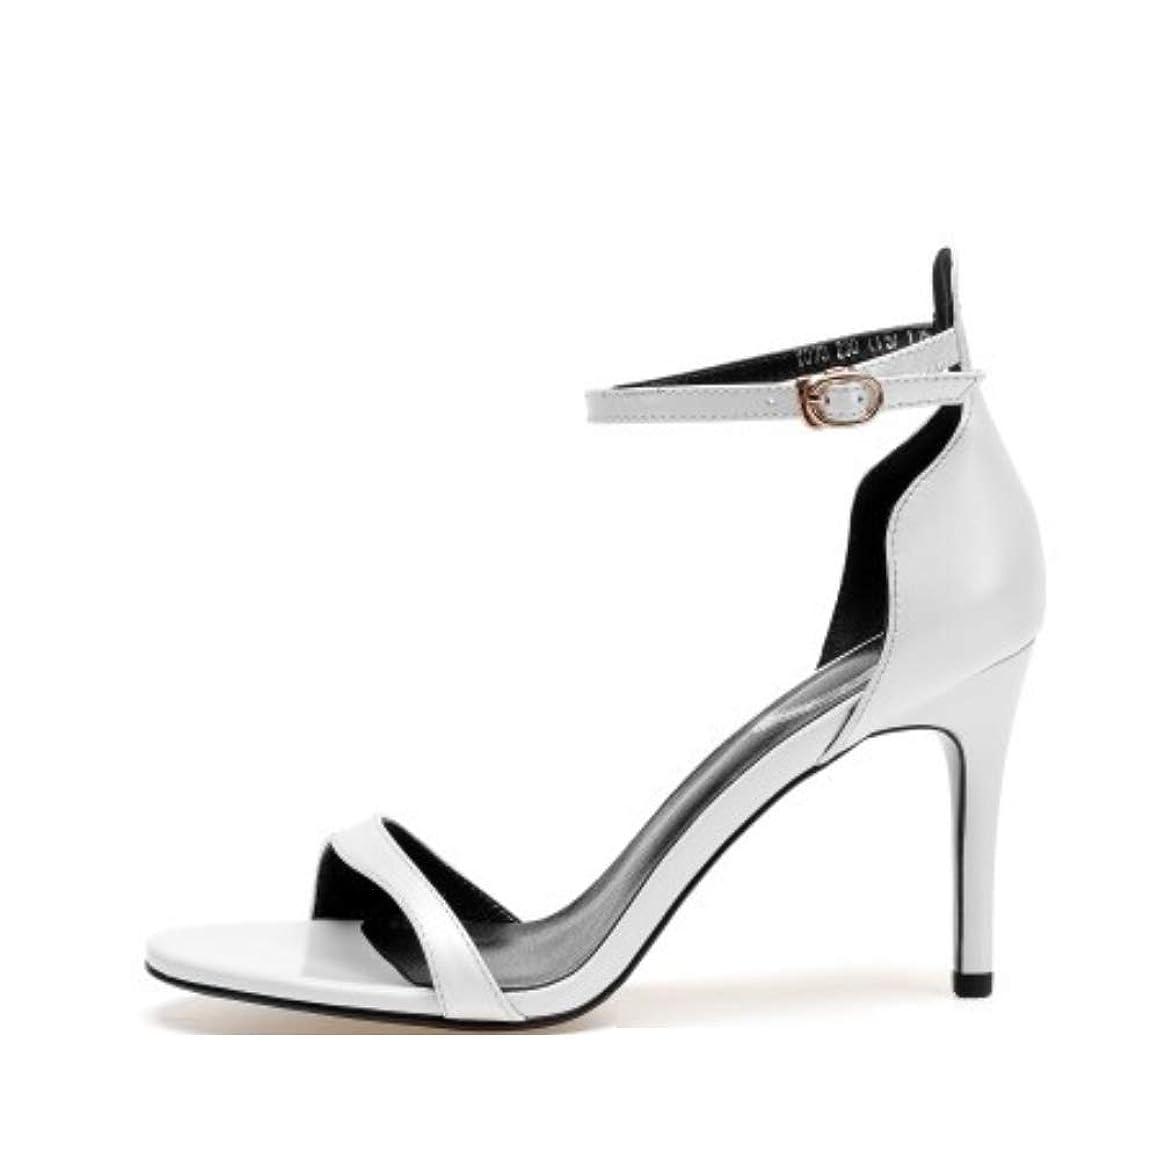 ピット暴動暖かさレディースハイヒール究極のハイファッションピープスシューズ手作りサンダルファッション魚口の女性のサンダルは、ローマの女性の靴のバックルの女性の靴で罰金